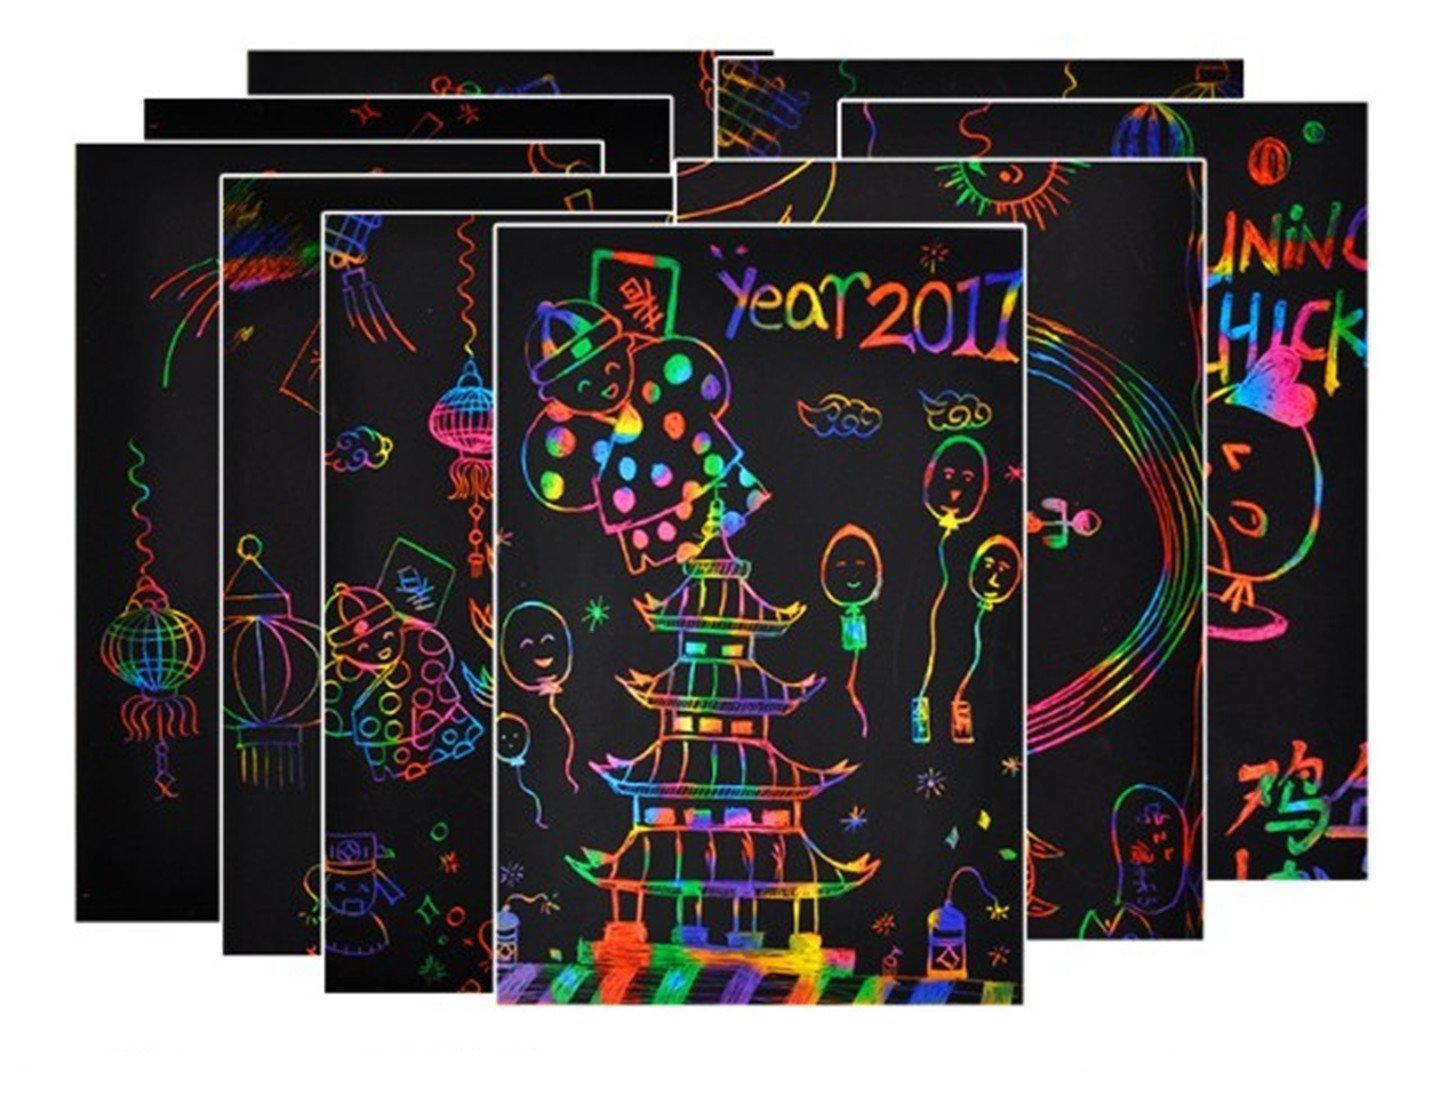 Tovto 27,9 x 21,60 cm 15 fogli da disegno colorati da grattare per bambini e 5 stencil per disegnare